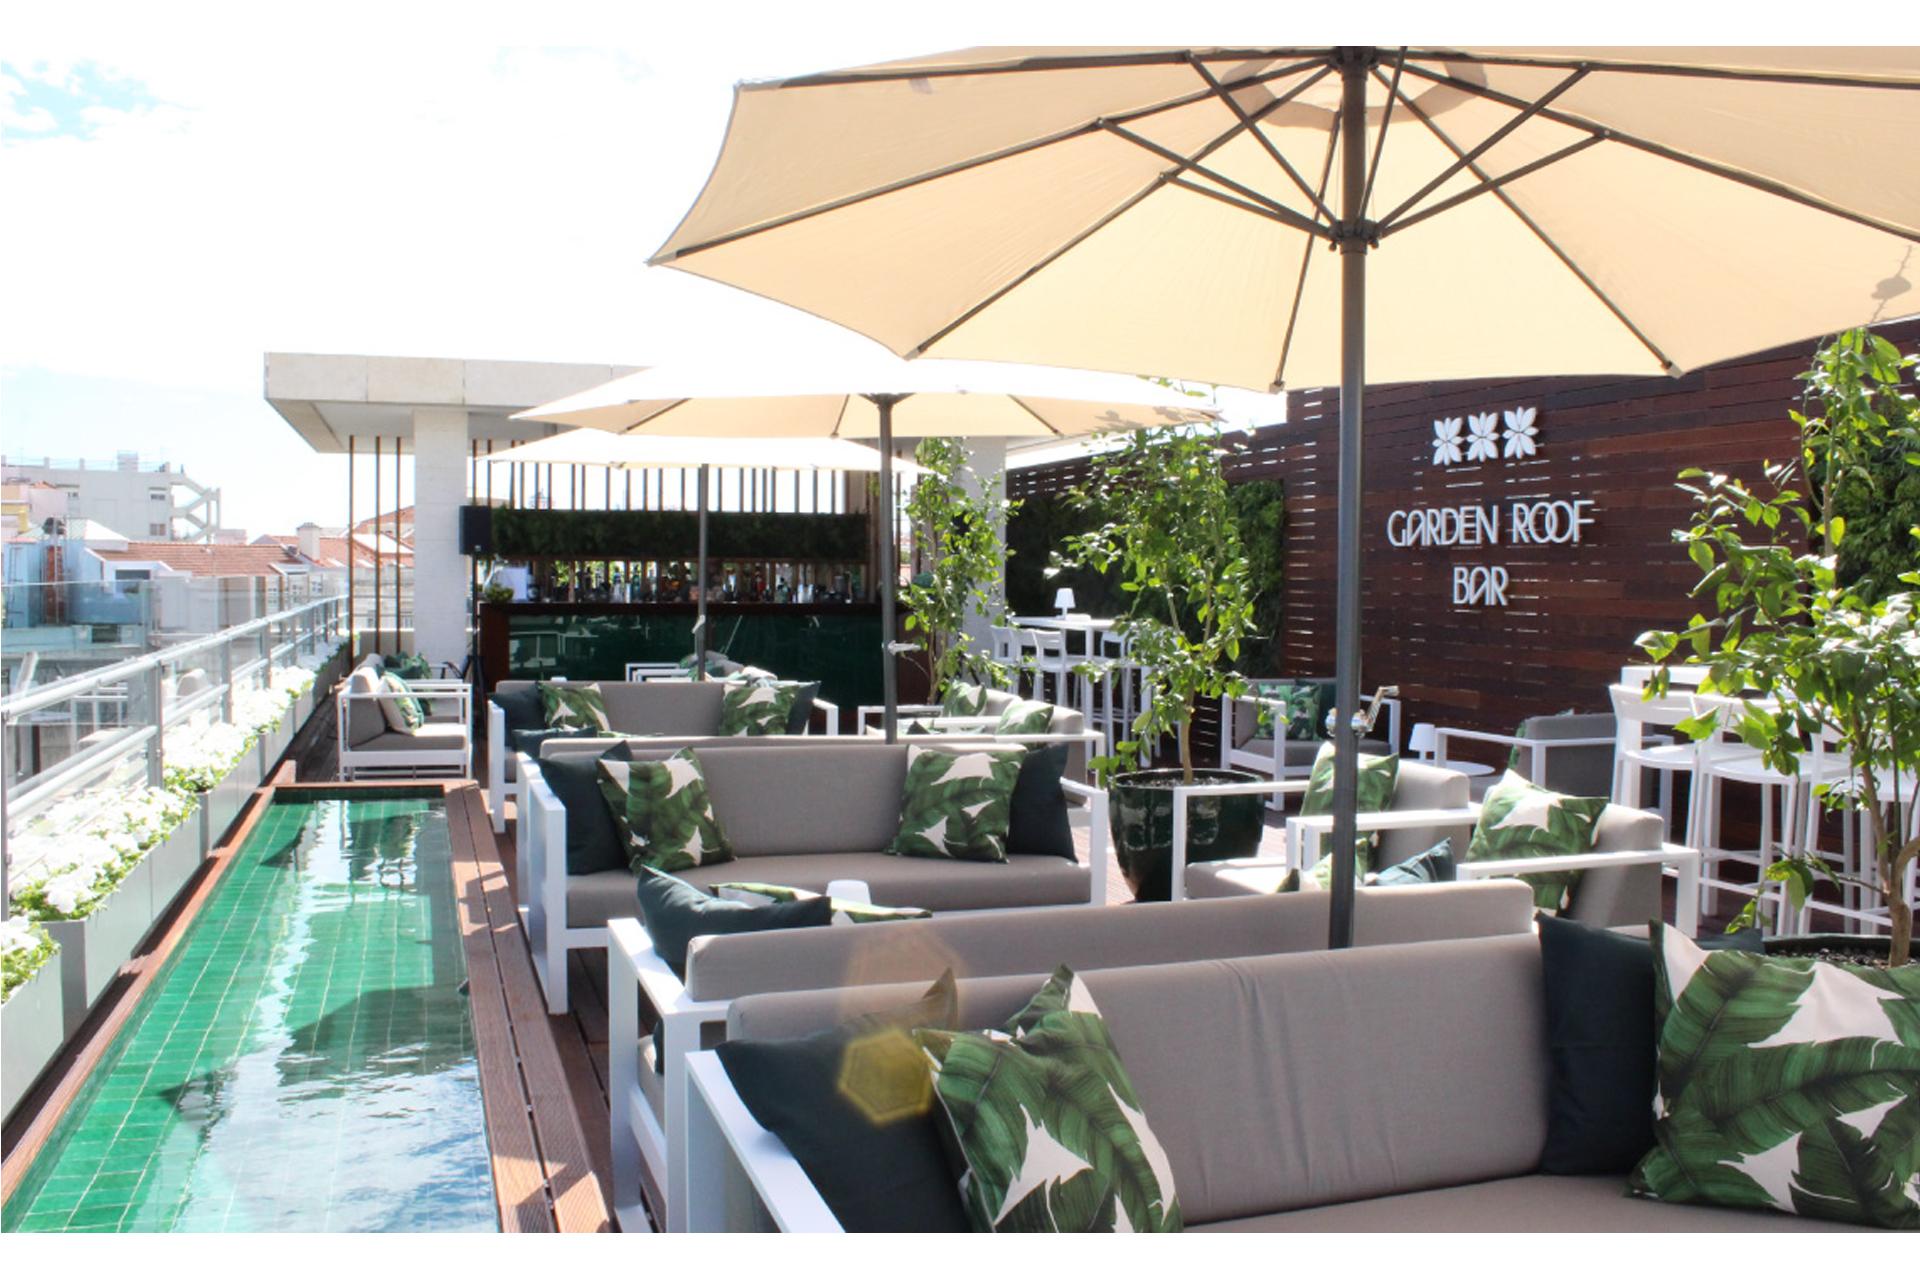 Garden Roof Bar